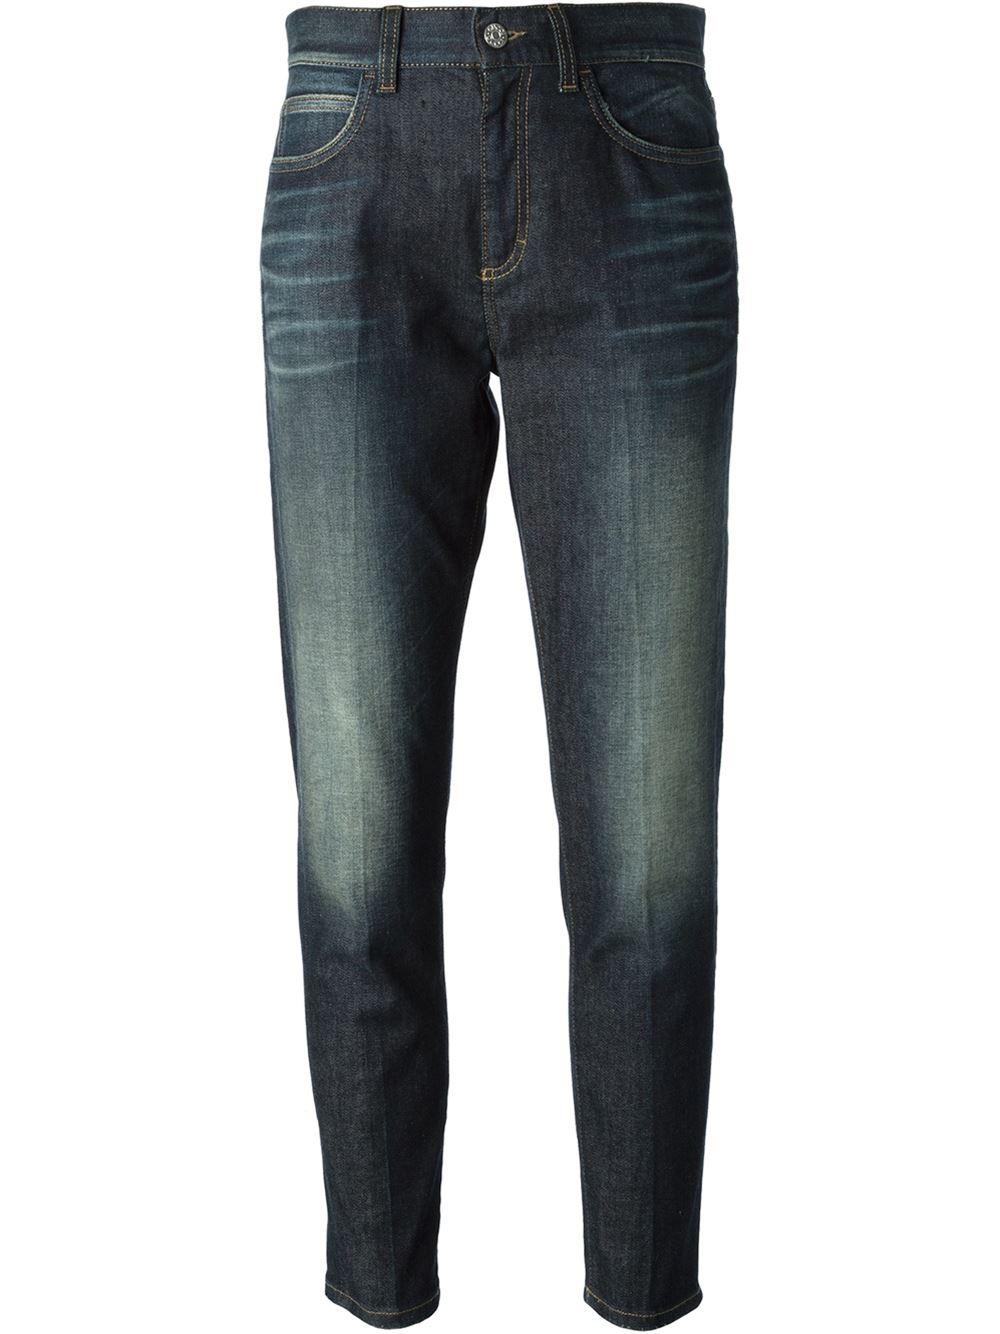 Women Diesel Jeans